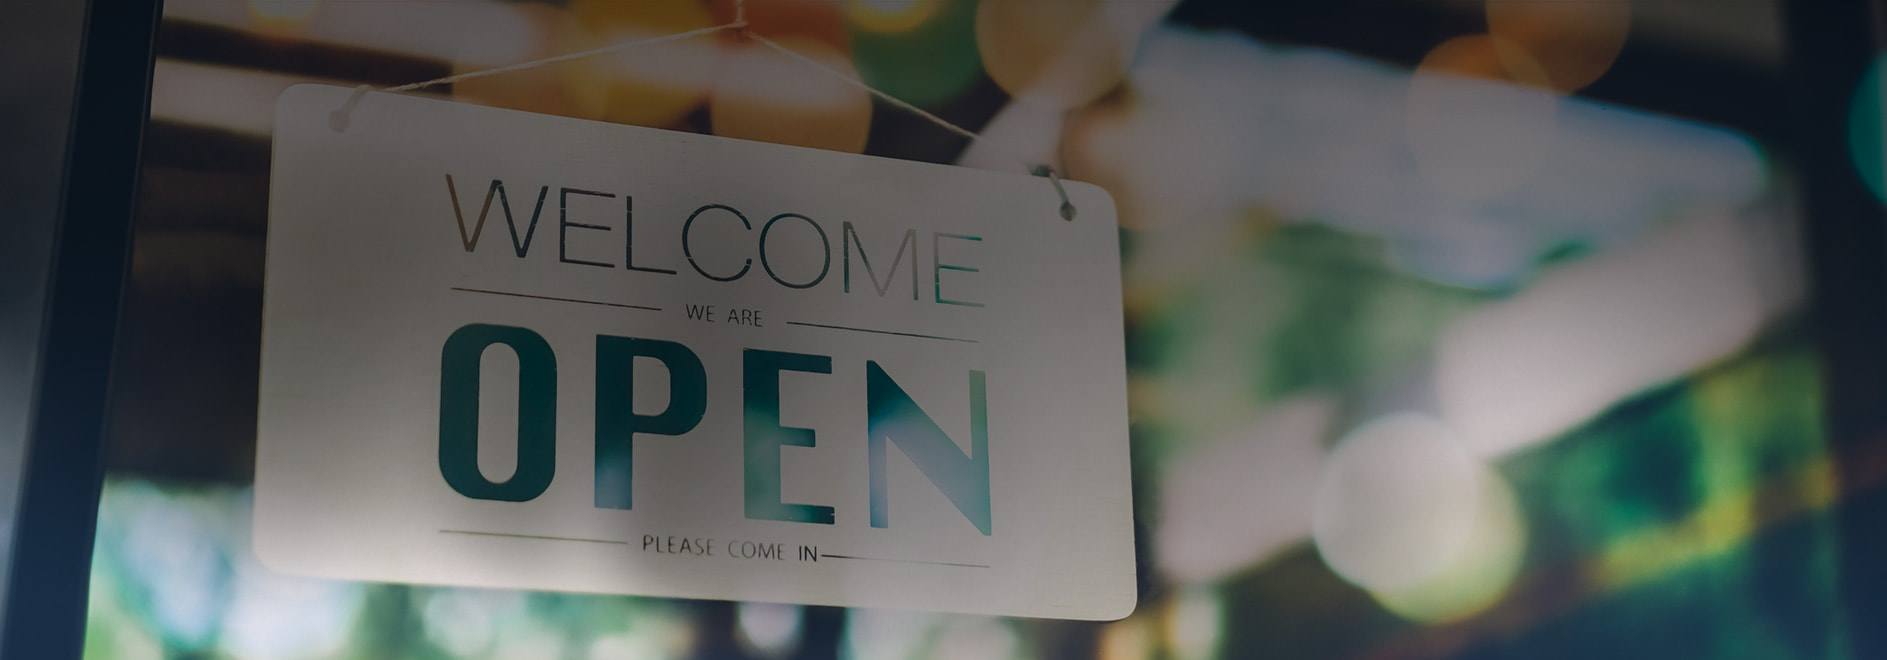 HOW DO I START AN E-COMMERCE BUSINESS?